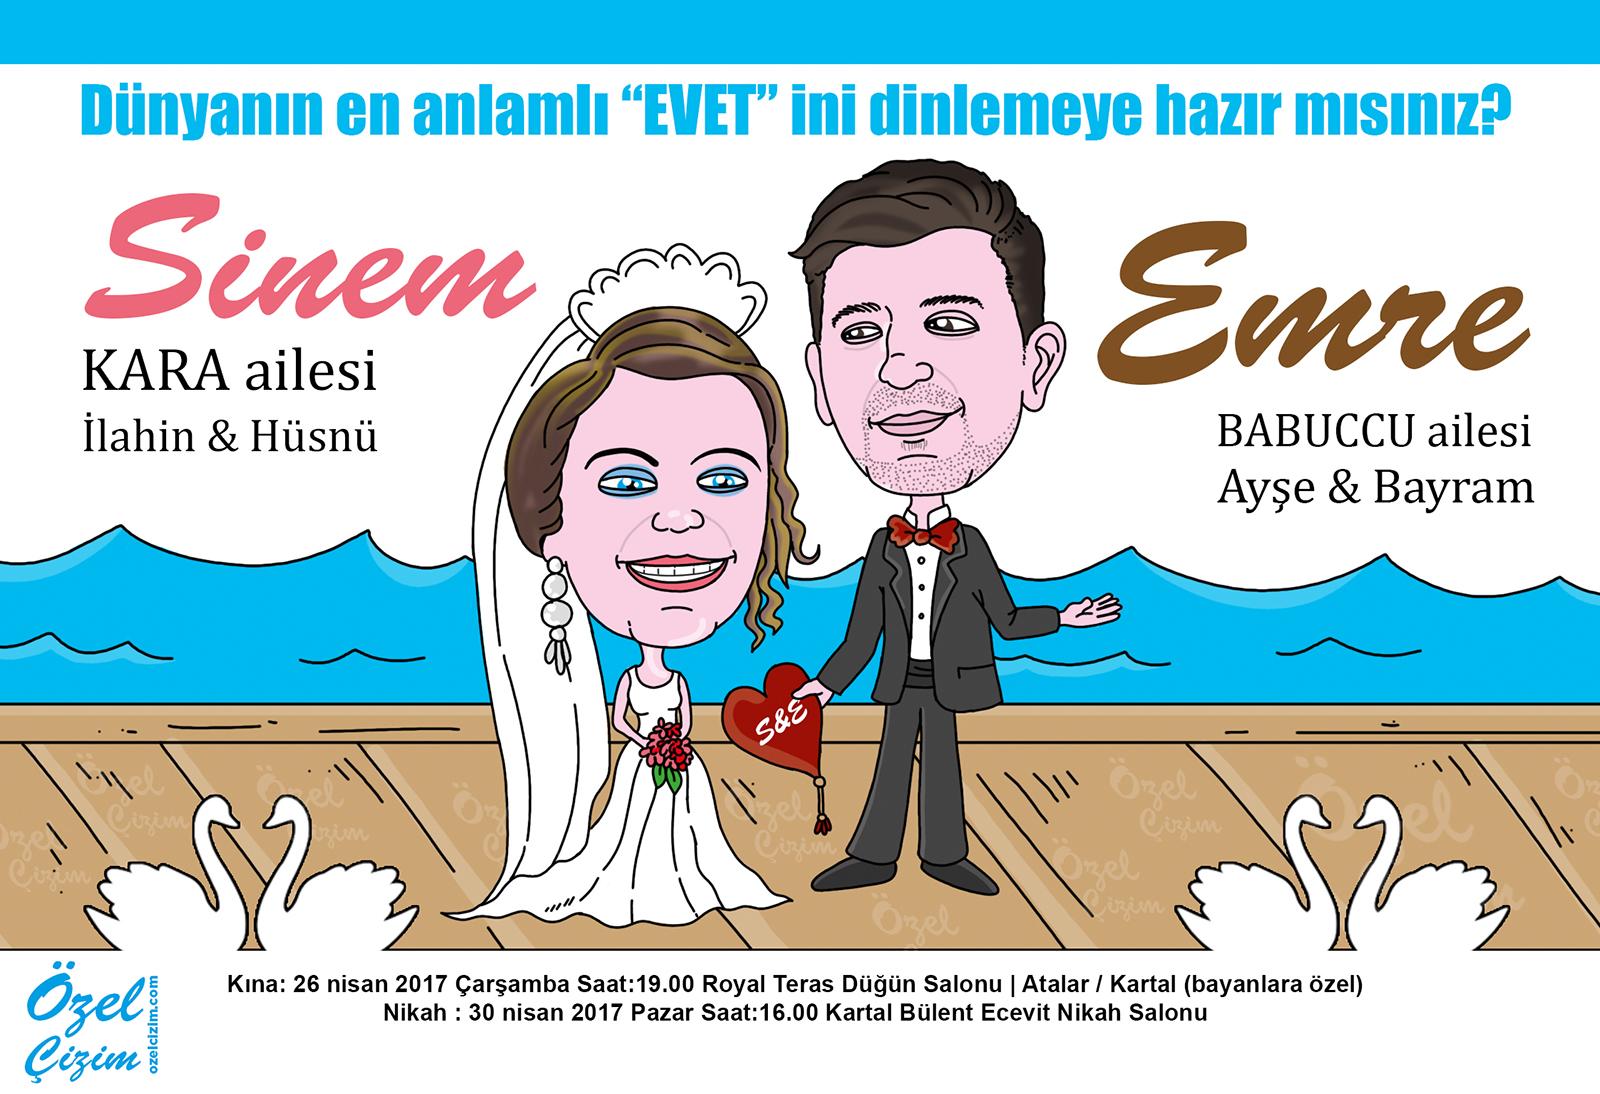 düğün davetiyesi, karikatürlü davetiye, komik davetiye, komik düğün davetiyesi, karikatürlü düğün davetiyesi, karikatür, düğün, evlilik, gelin damat karikatür, komik gelin, komik damat